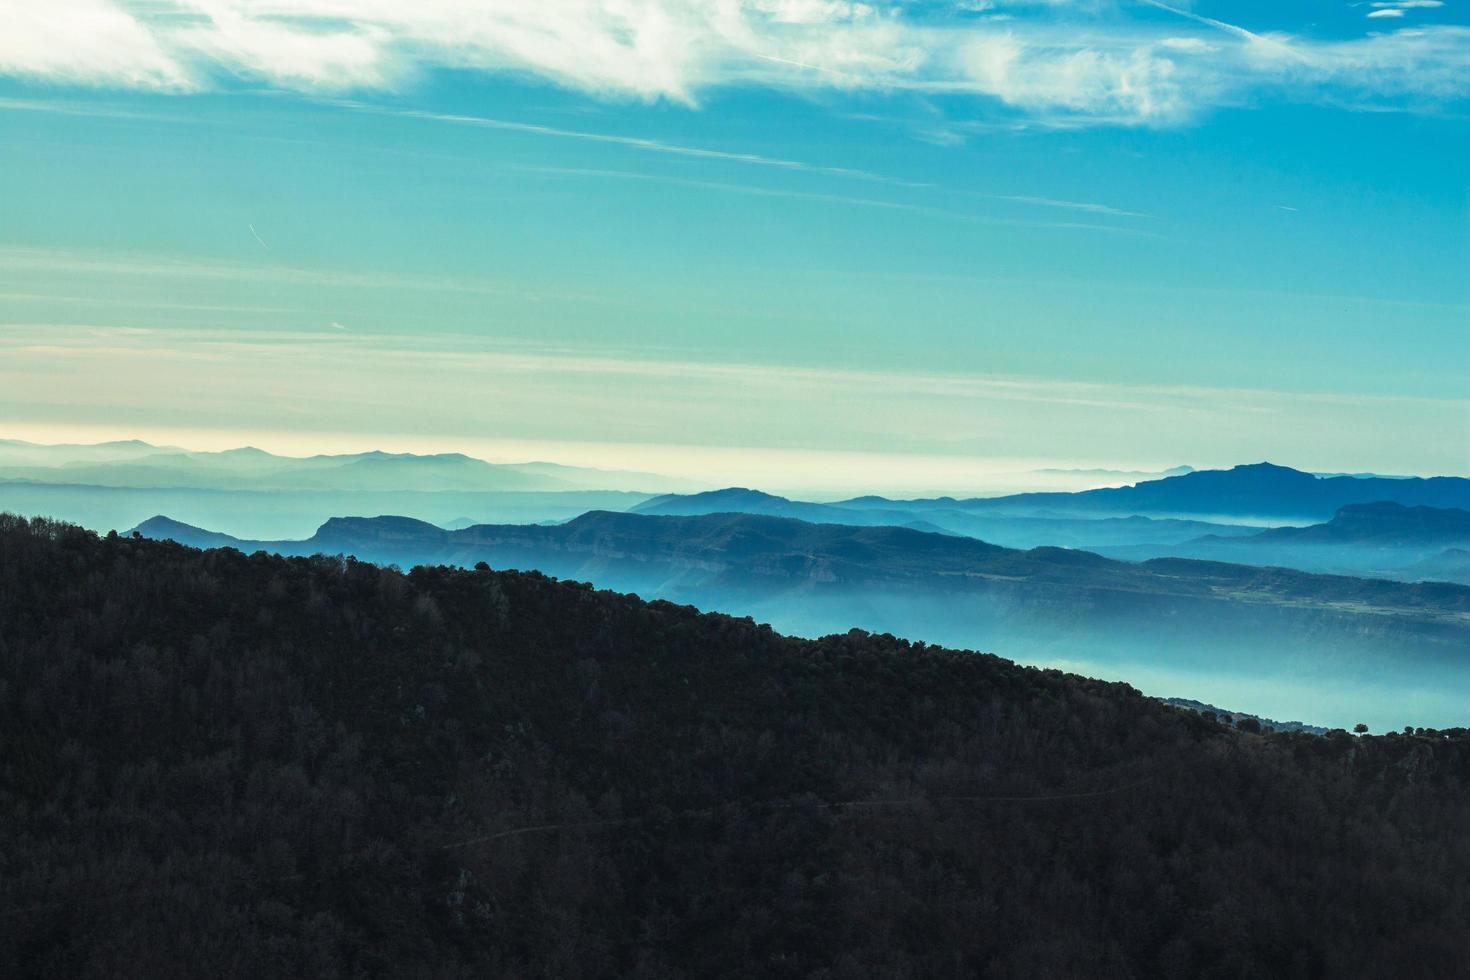 vue aérienne des montagnes et des nuages photo